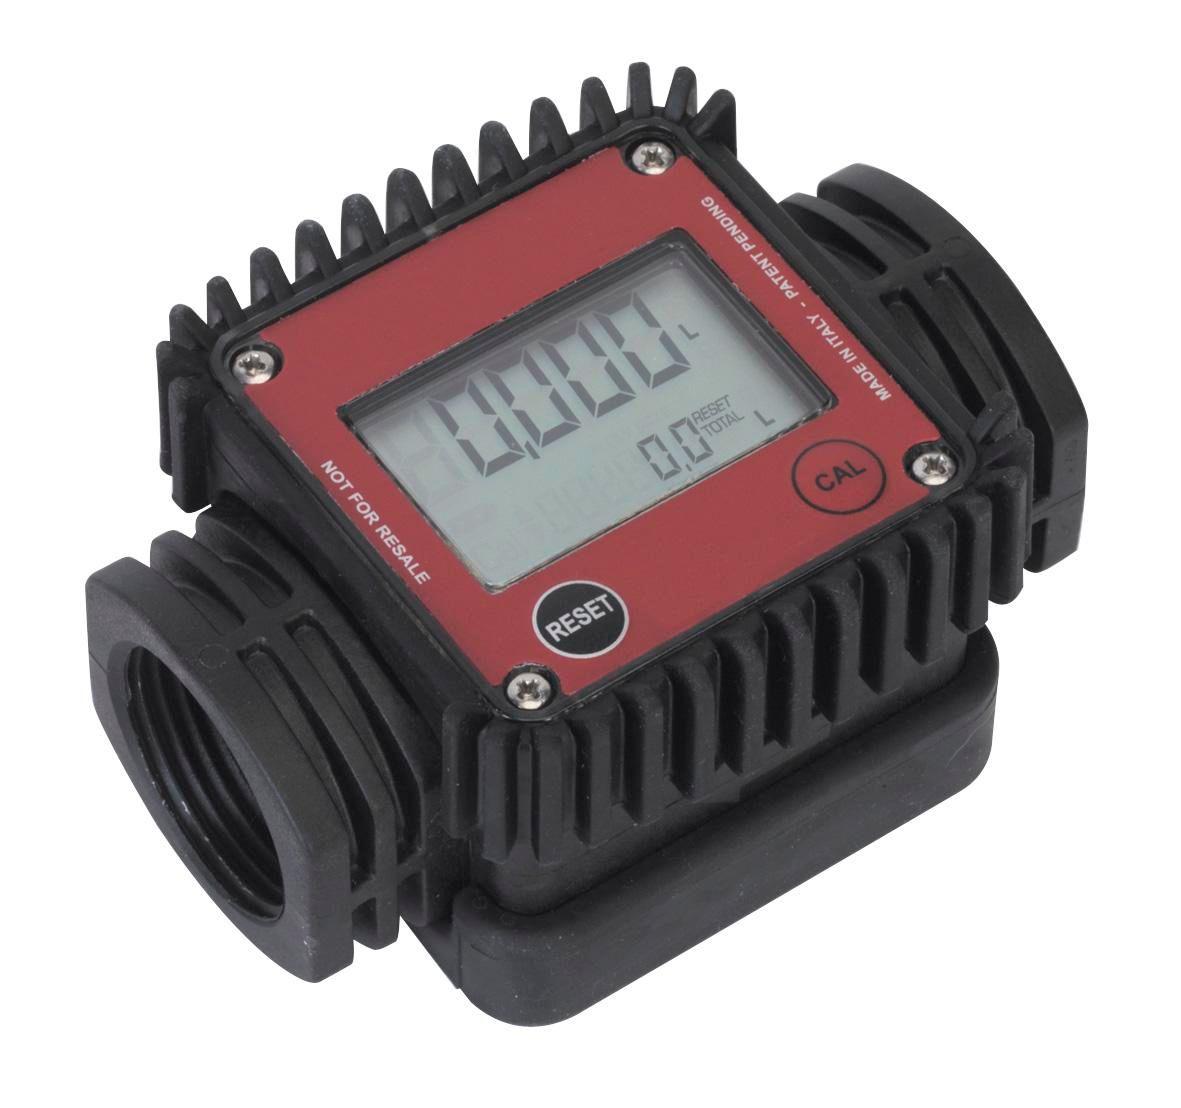 Sealey TP101 Digital Flow Meter